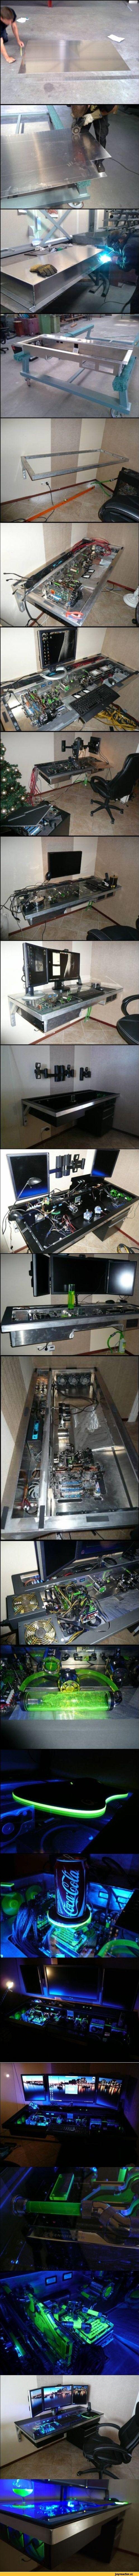 компьютер,системный блок в столе,песочница,geek,Прикольные гаджеты. Научный, инженерный и айтишный юмор